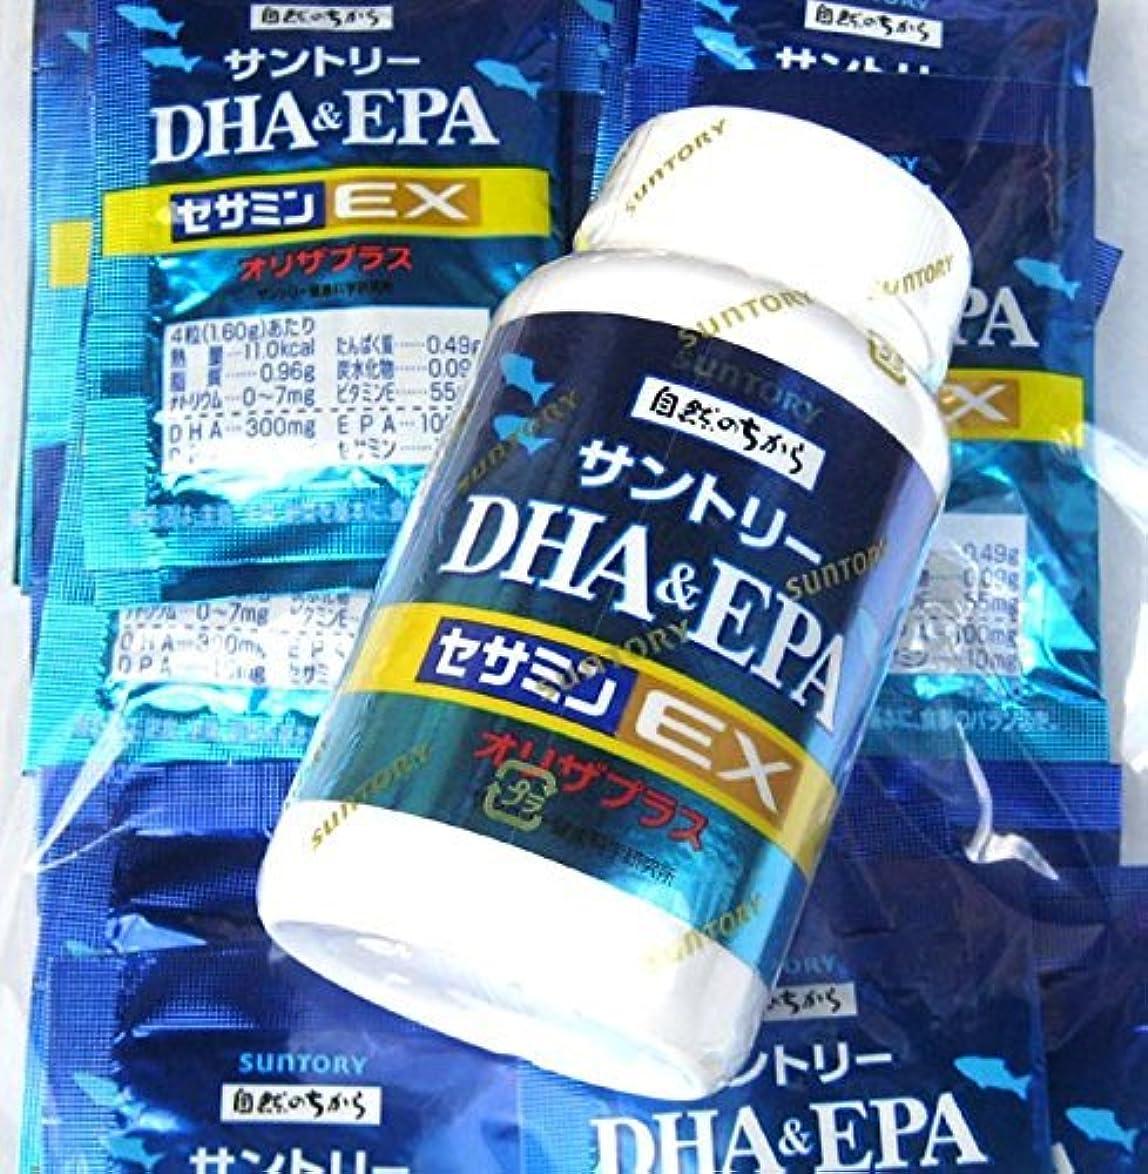 石灰岩食べる覚醒サントリー DHA&EPA+セサミンEX 360粒 (240粒+120粒